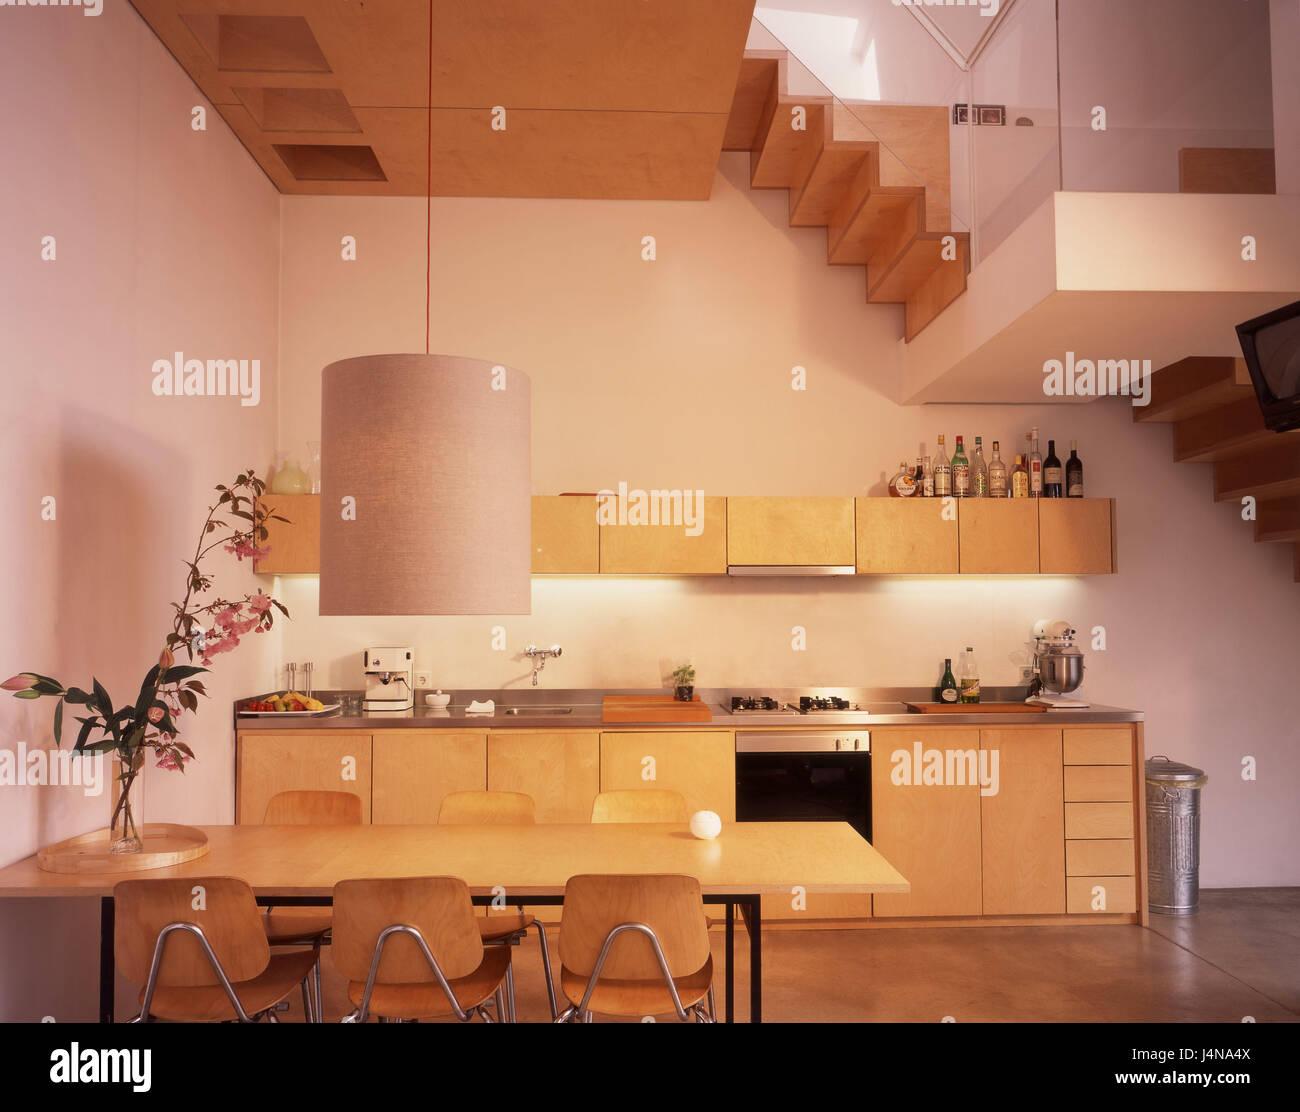 Treppen Essen innen gedreht küche offen lebenden viertel esstisch treppen